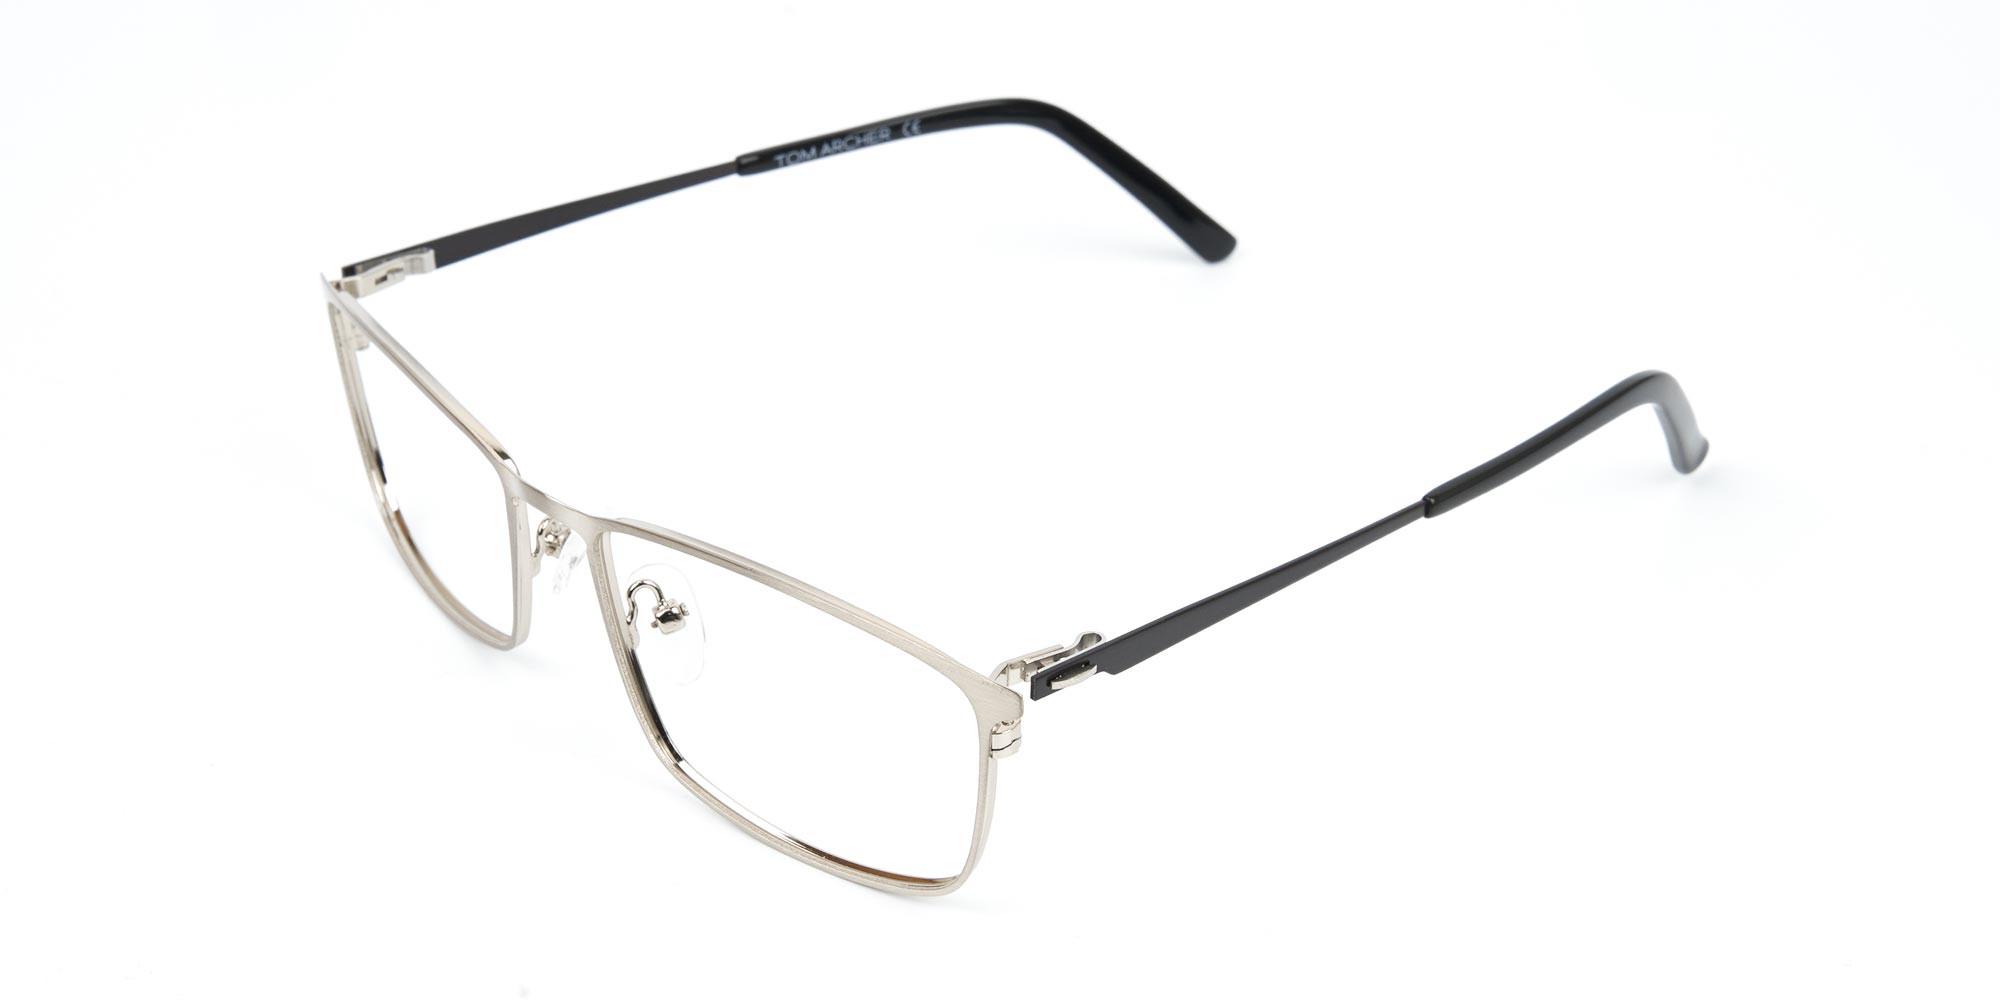 Silver Full-Rimmed Rectangular Glasses-3